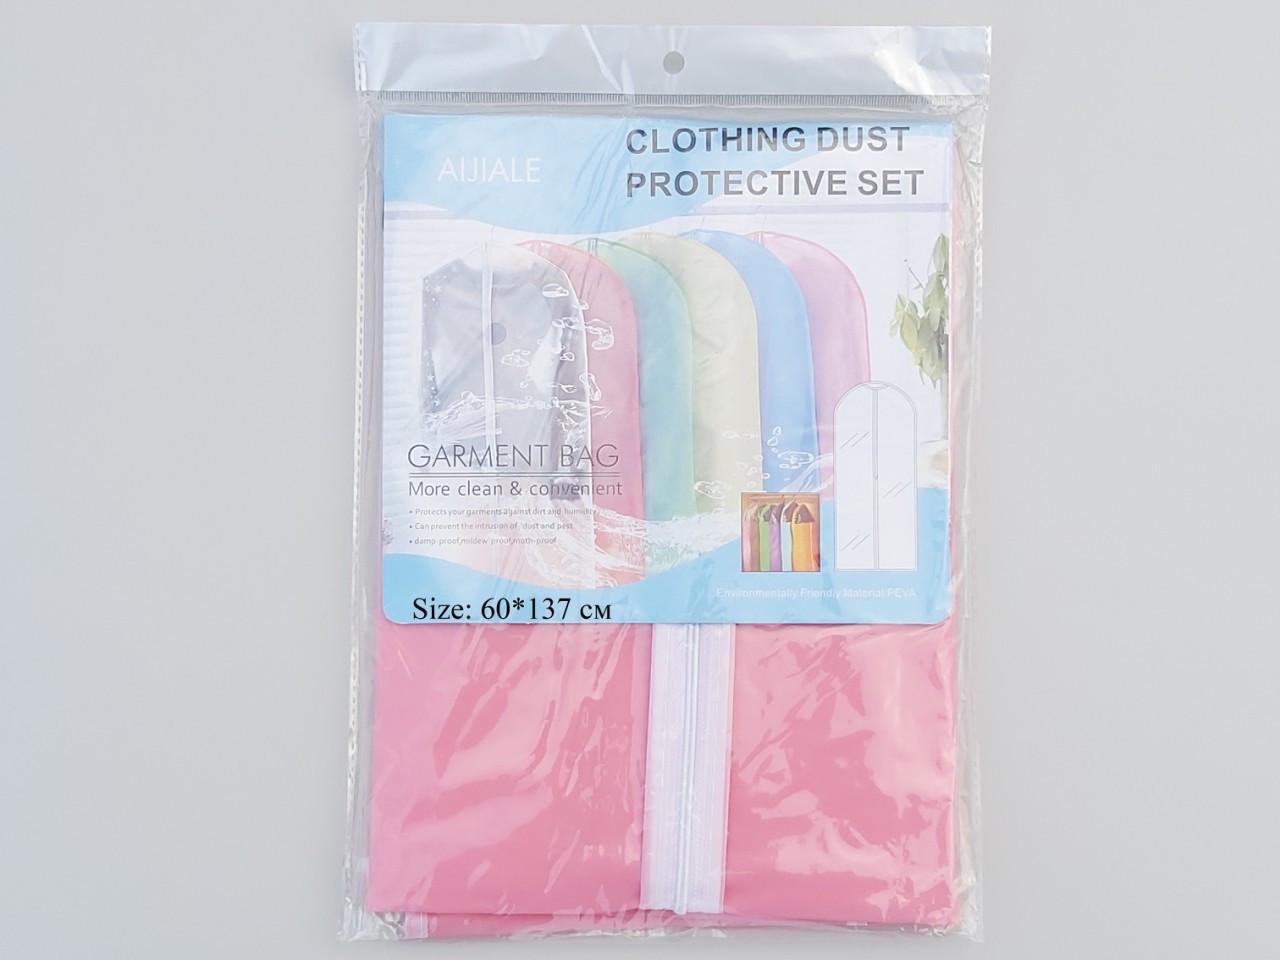 Чехол для хранения одежды из плащевки розового цвета, размер 60*137 см